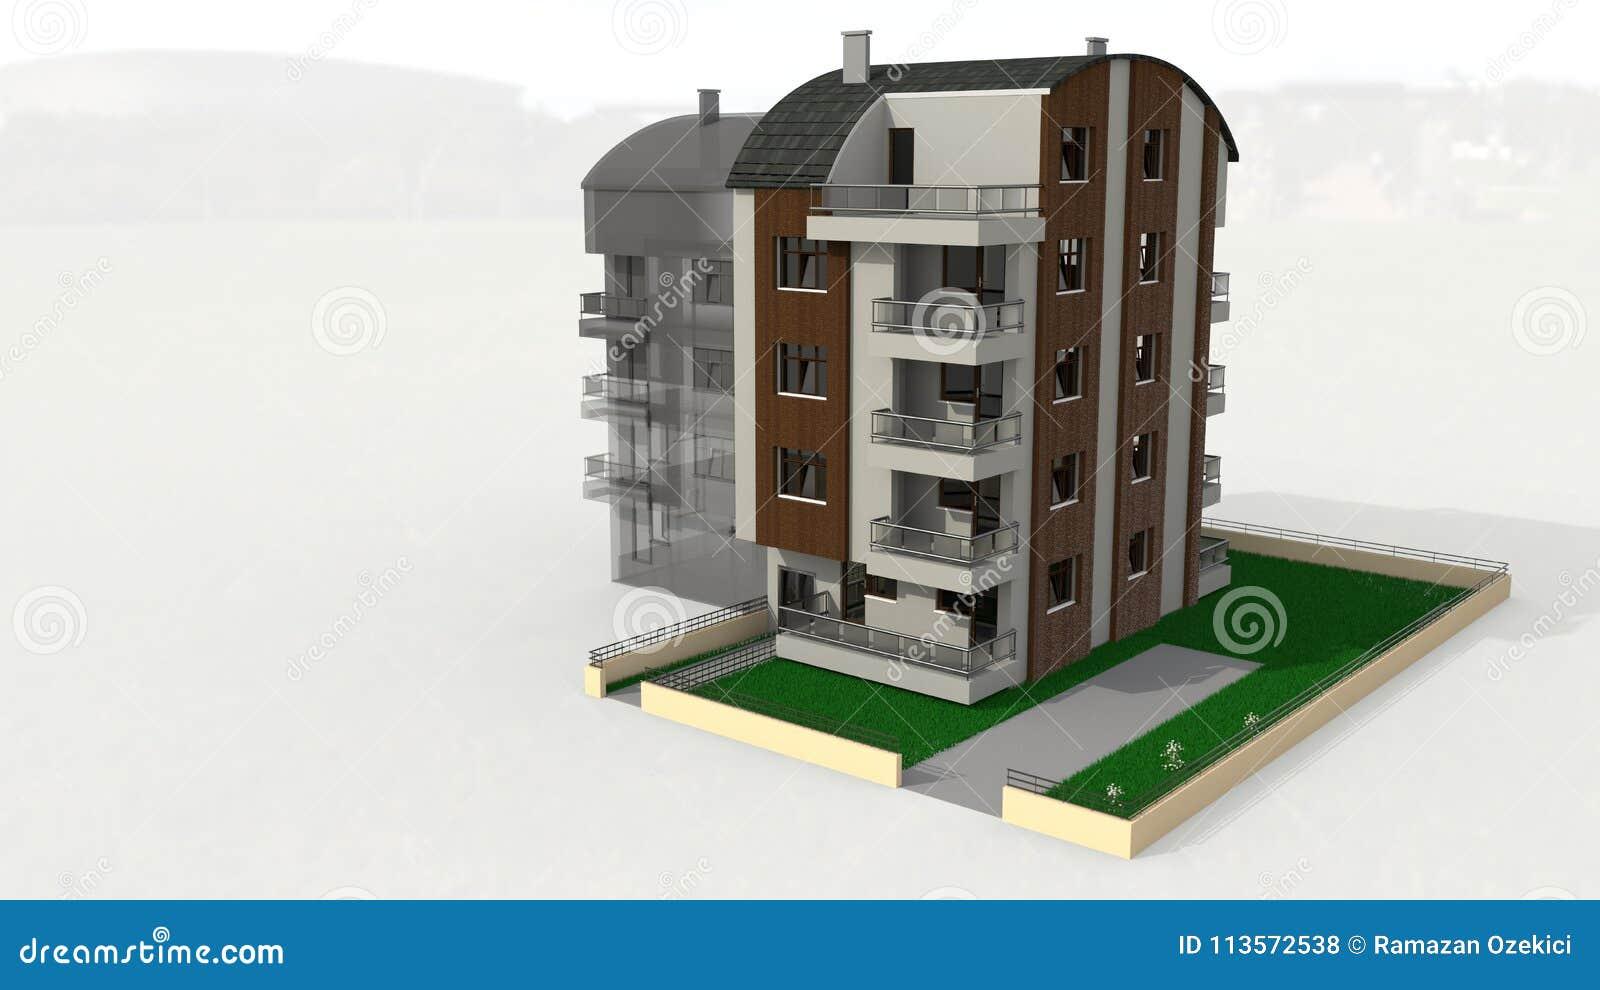 La cinq-histoire de Tonos a couvert le travail architectural, le rendu 3d